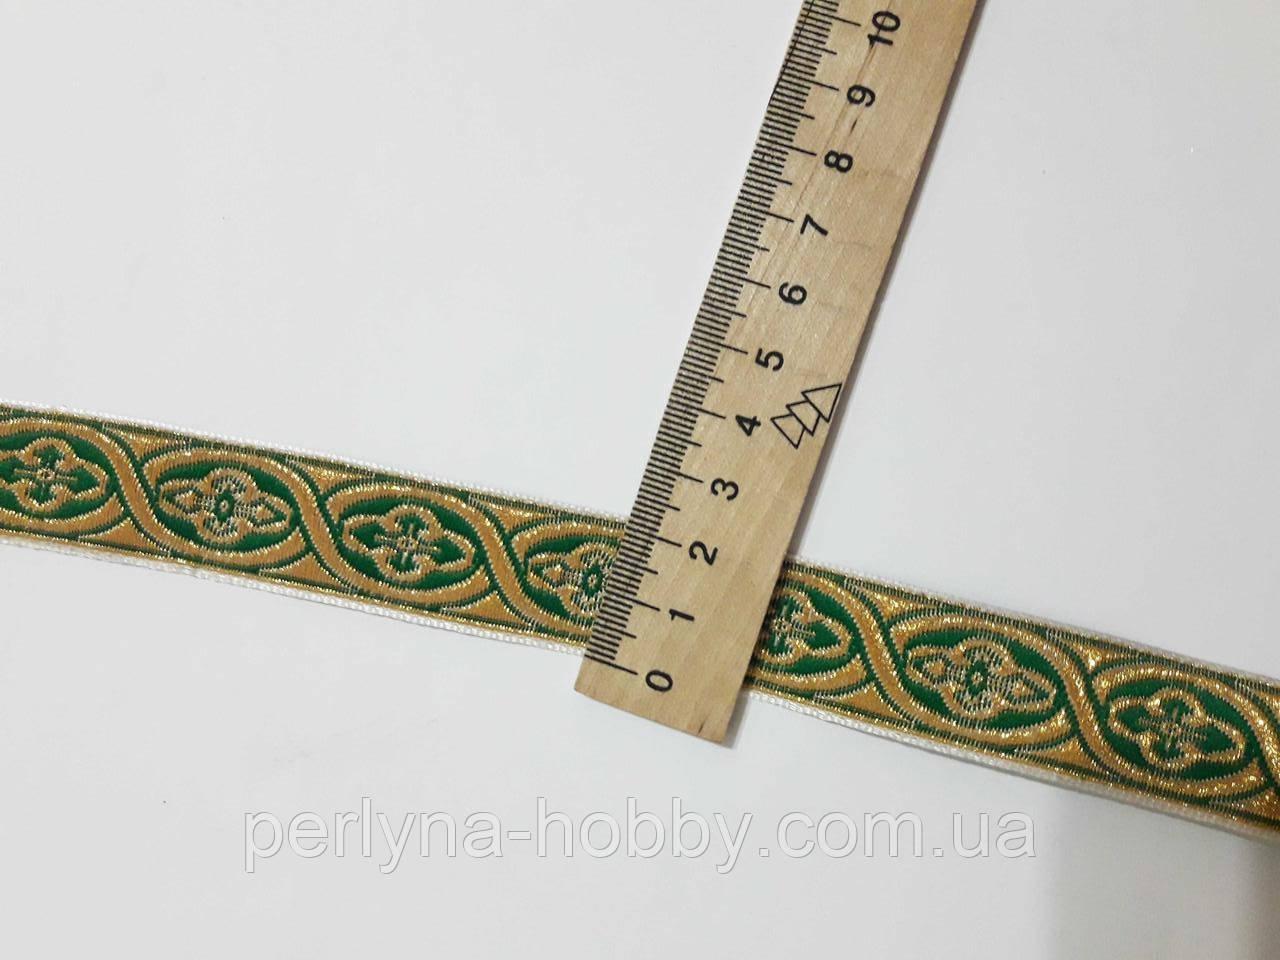 Тесьма церковная Тасьма галун церковна з люрексом, 2 см, зелена з золотом.